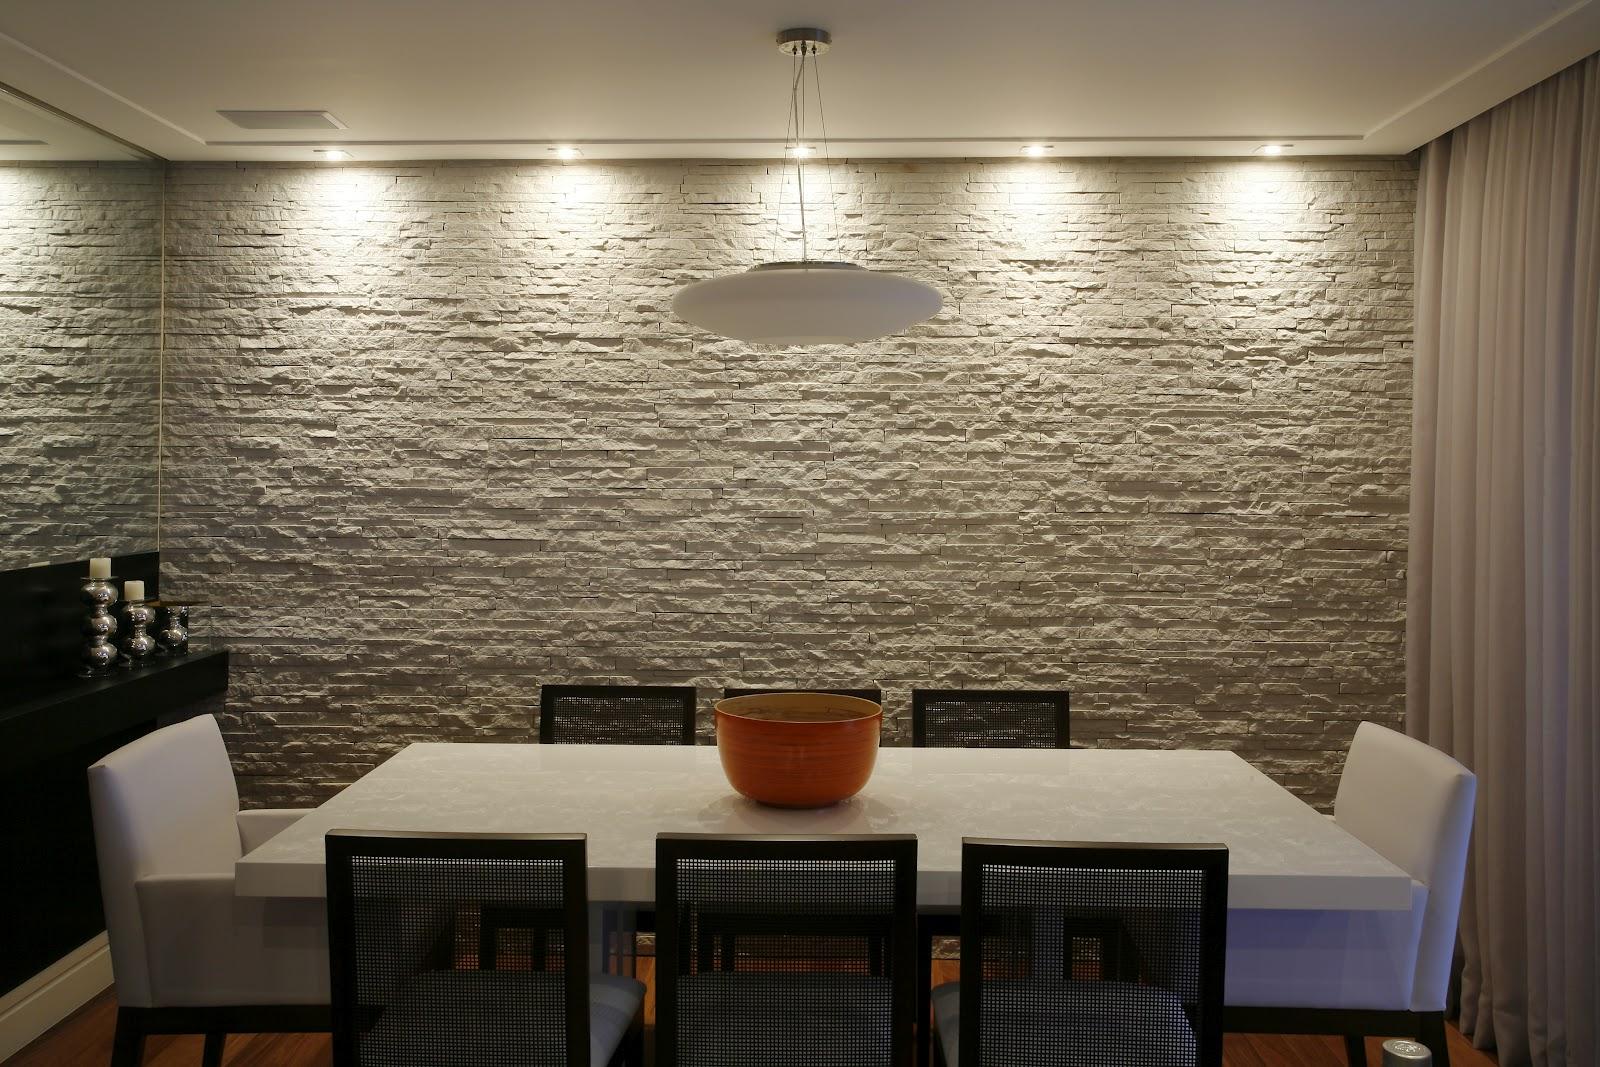 #857546 Postado há 29th March 2012 por Gesso Chick 1600x1067 píxeis em Decoração De Sala De Jantar Com Gesso